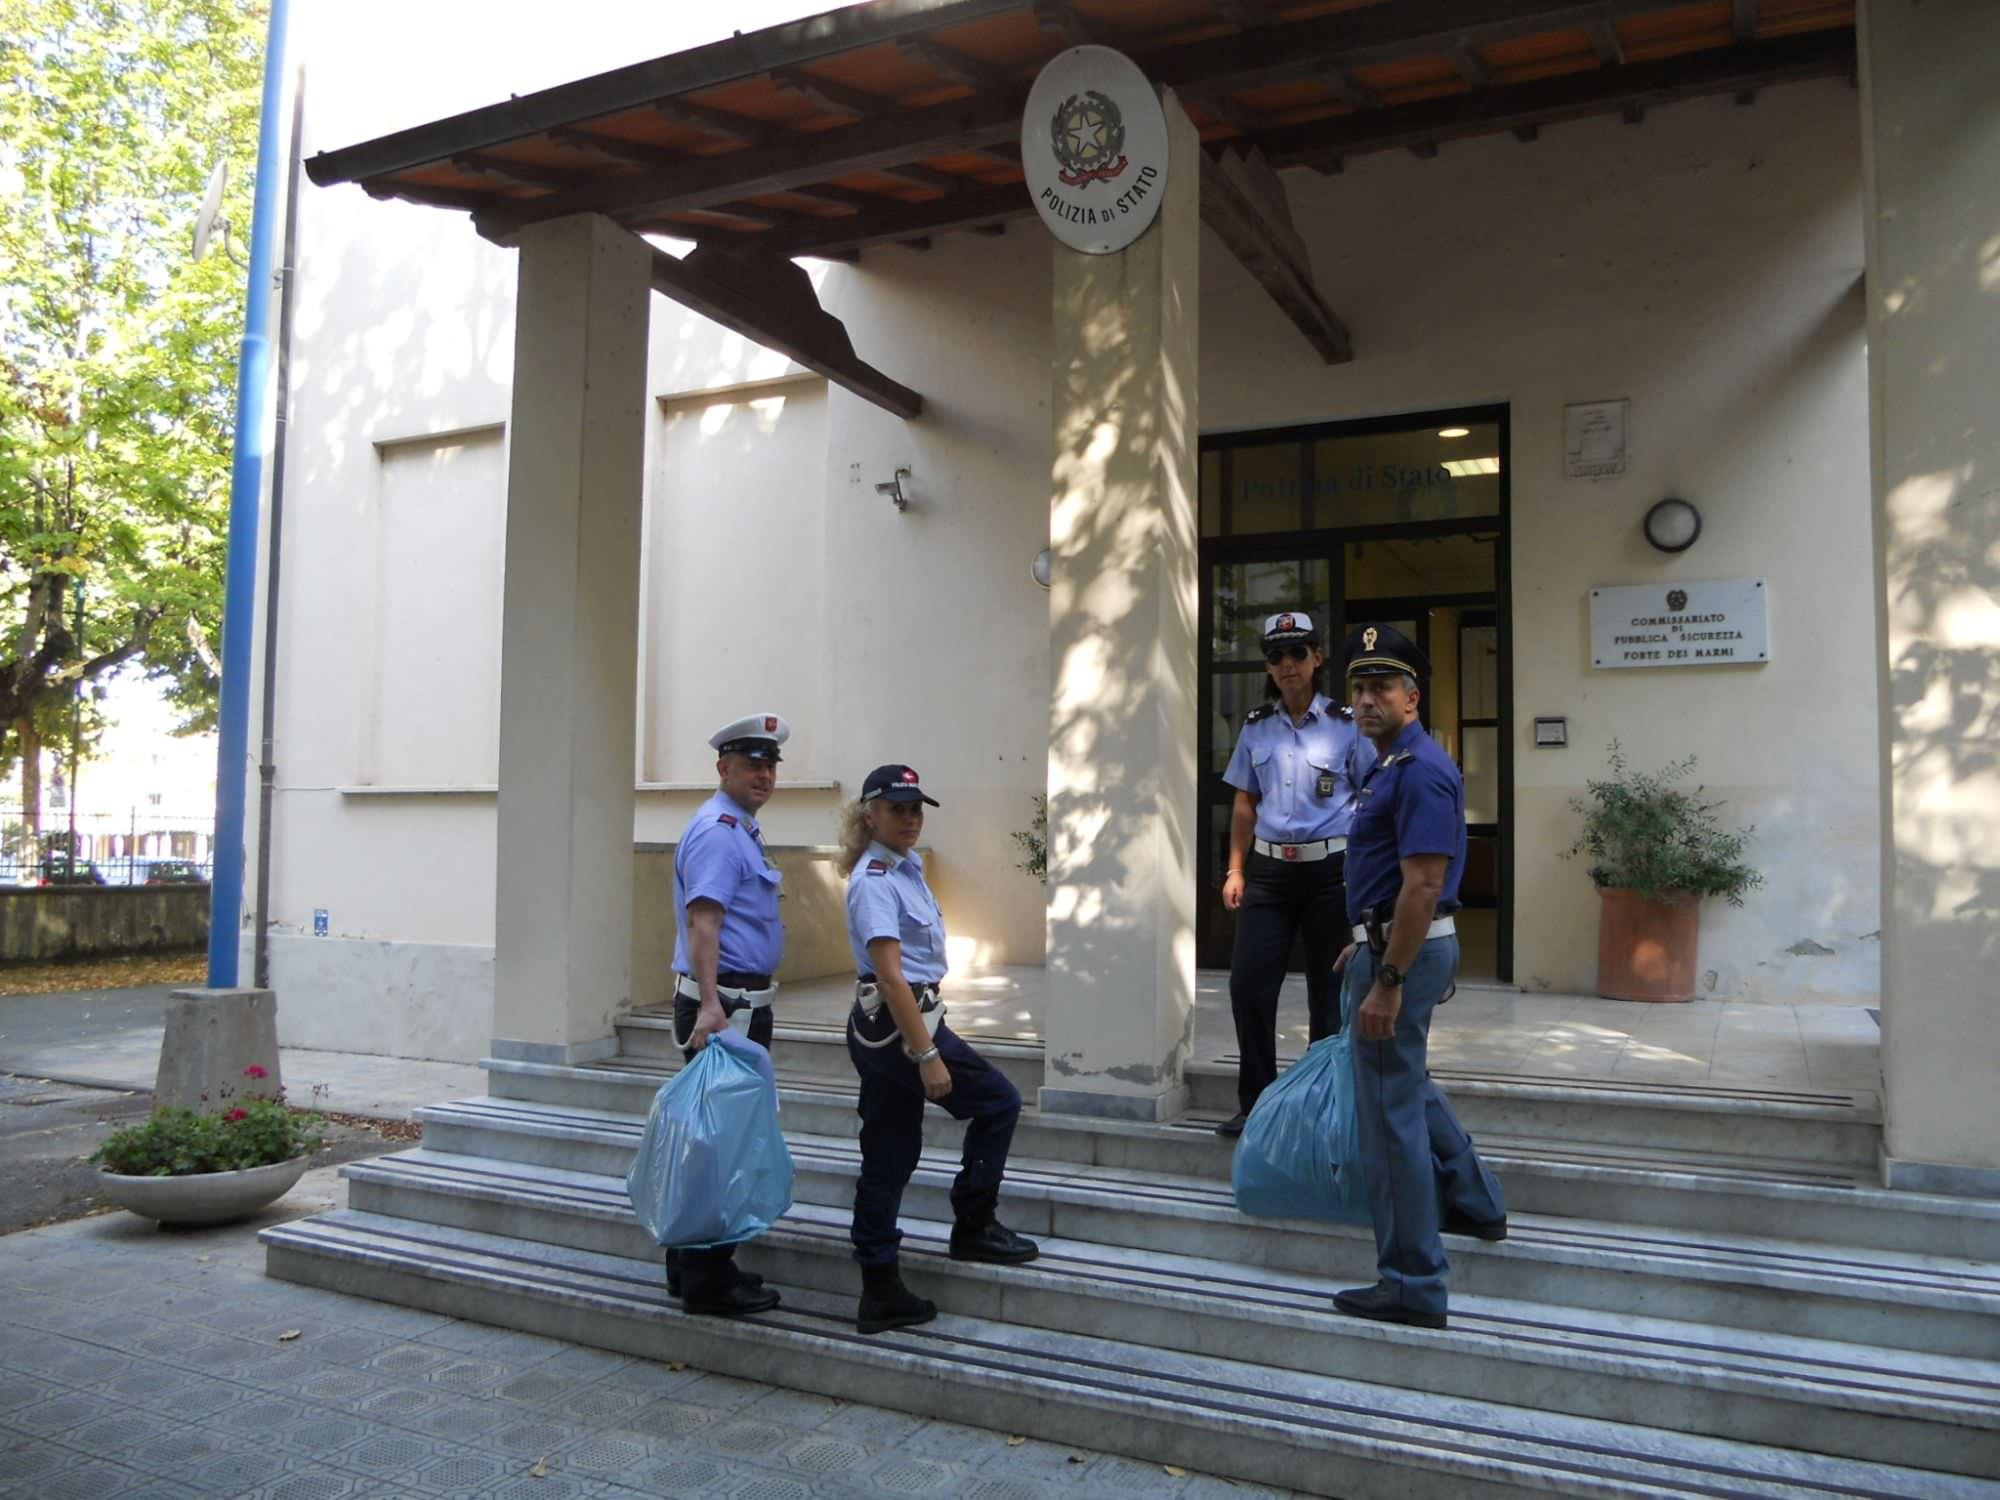 Bilancio 2015 per la polizia municipale di Forte dei Marmi